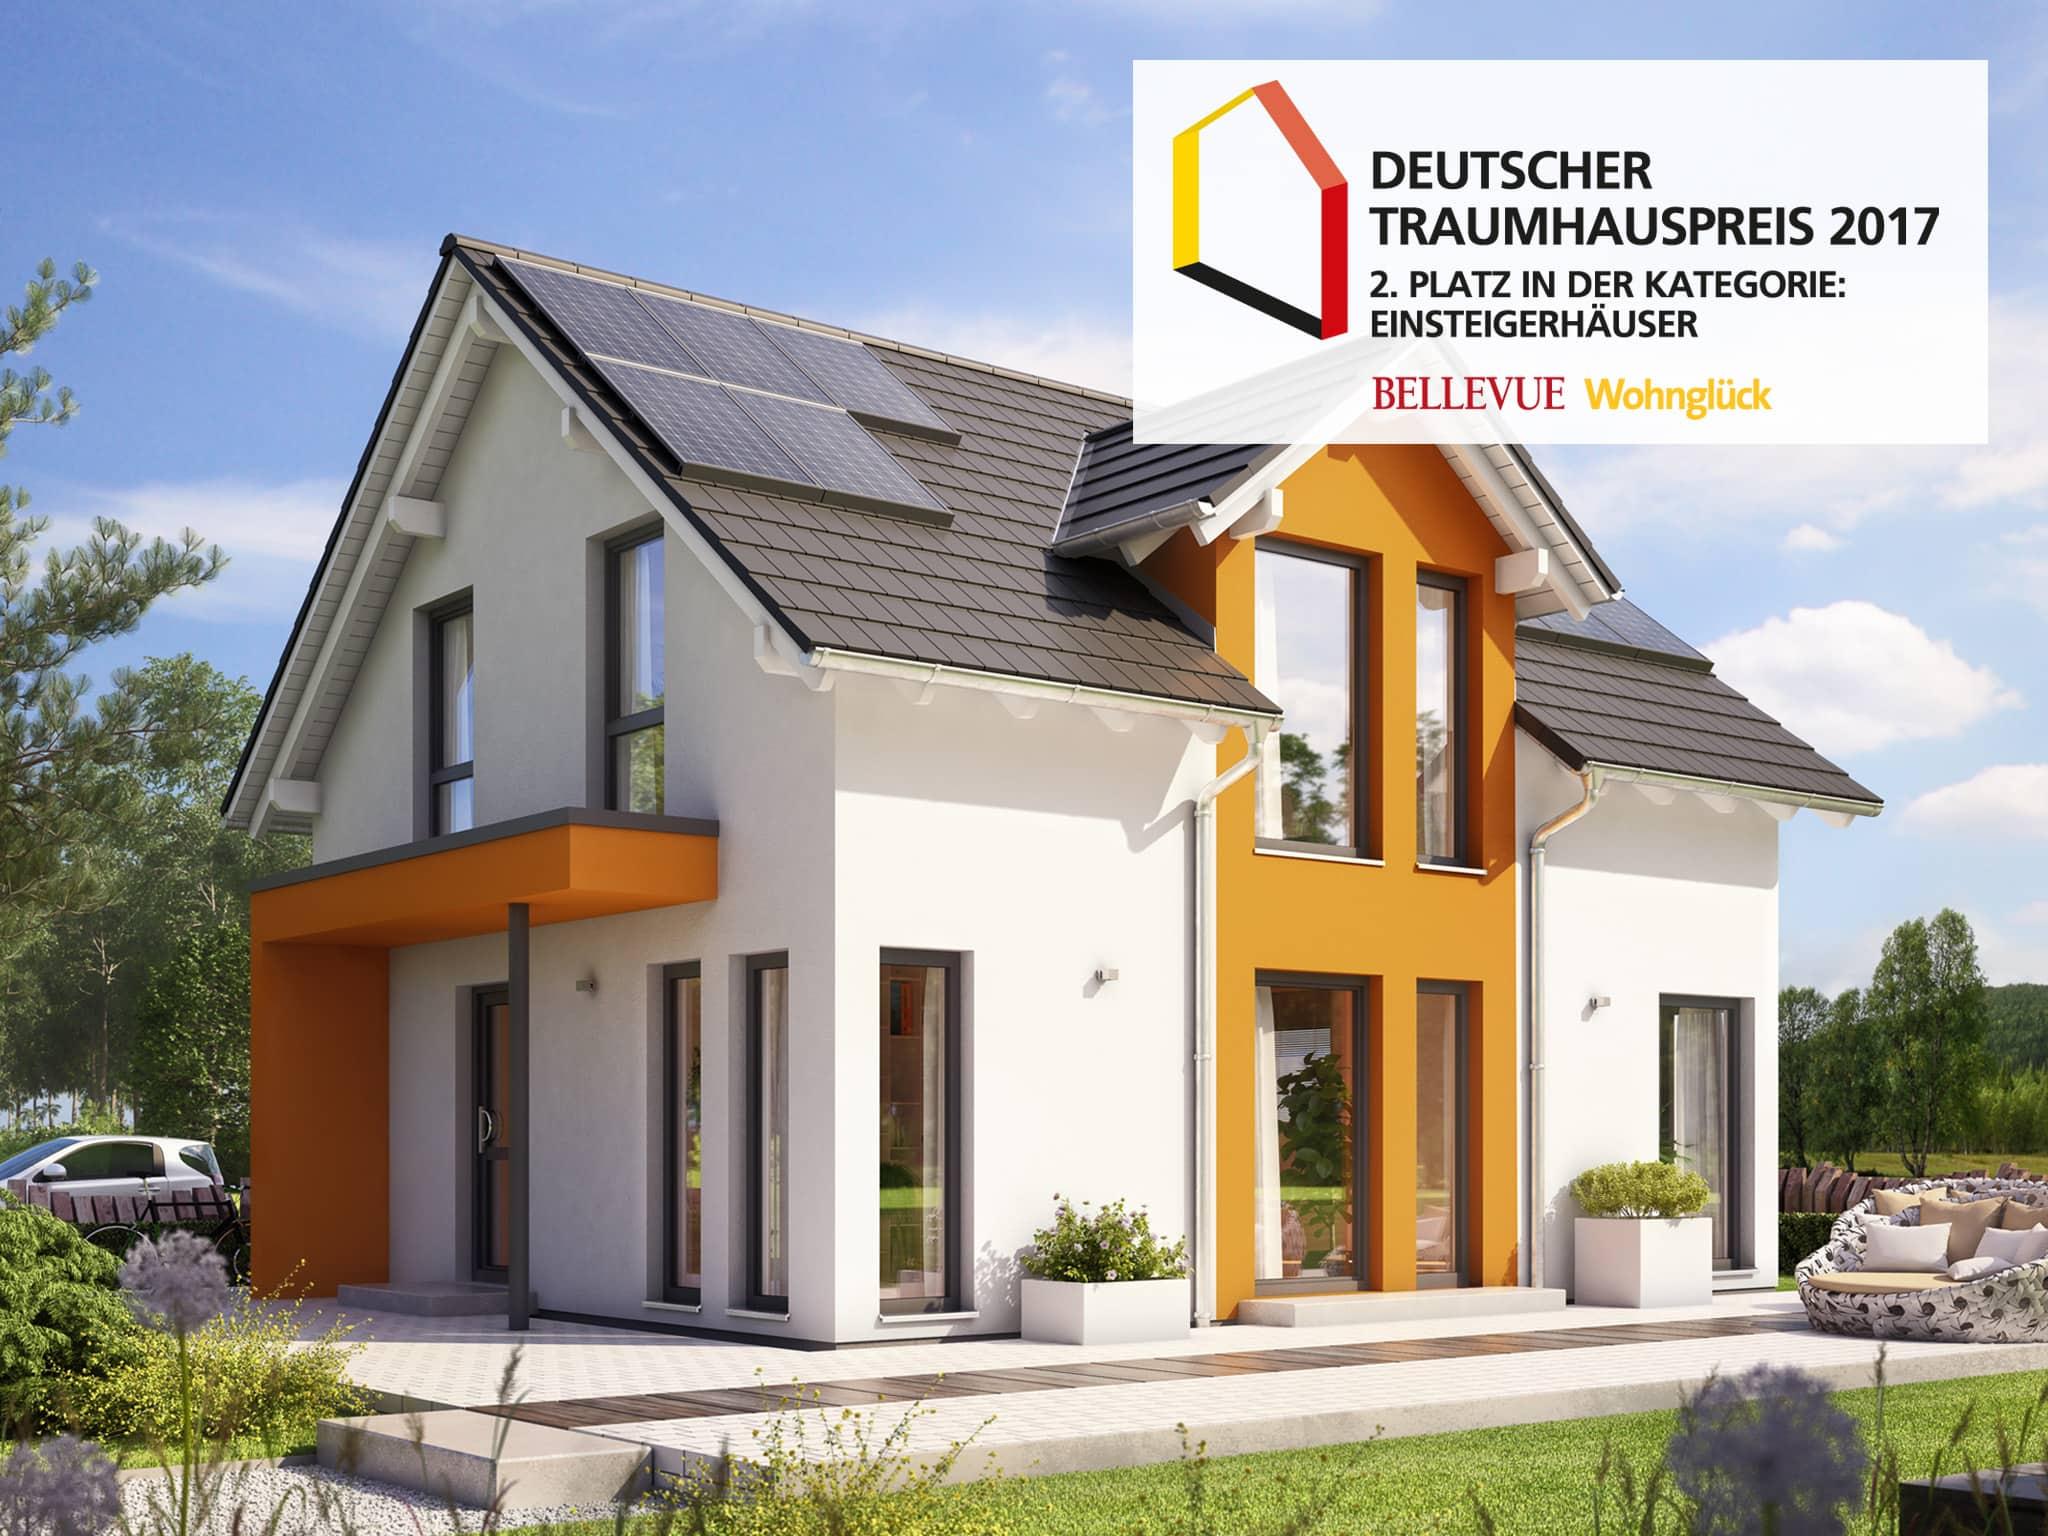 Fertighaus mit Satteldach Architektur & Zwerchgiebel - Haus bauen Ideen Einfamilienhaus SUNSHINE 125 V3 von Living Haus - HausbauDirekt.de